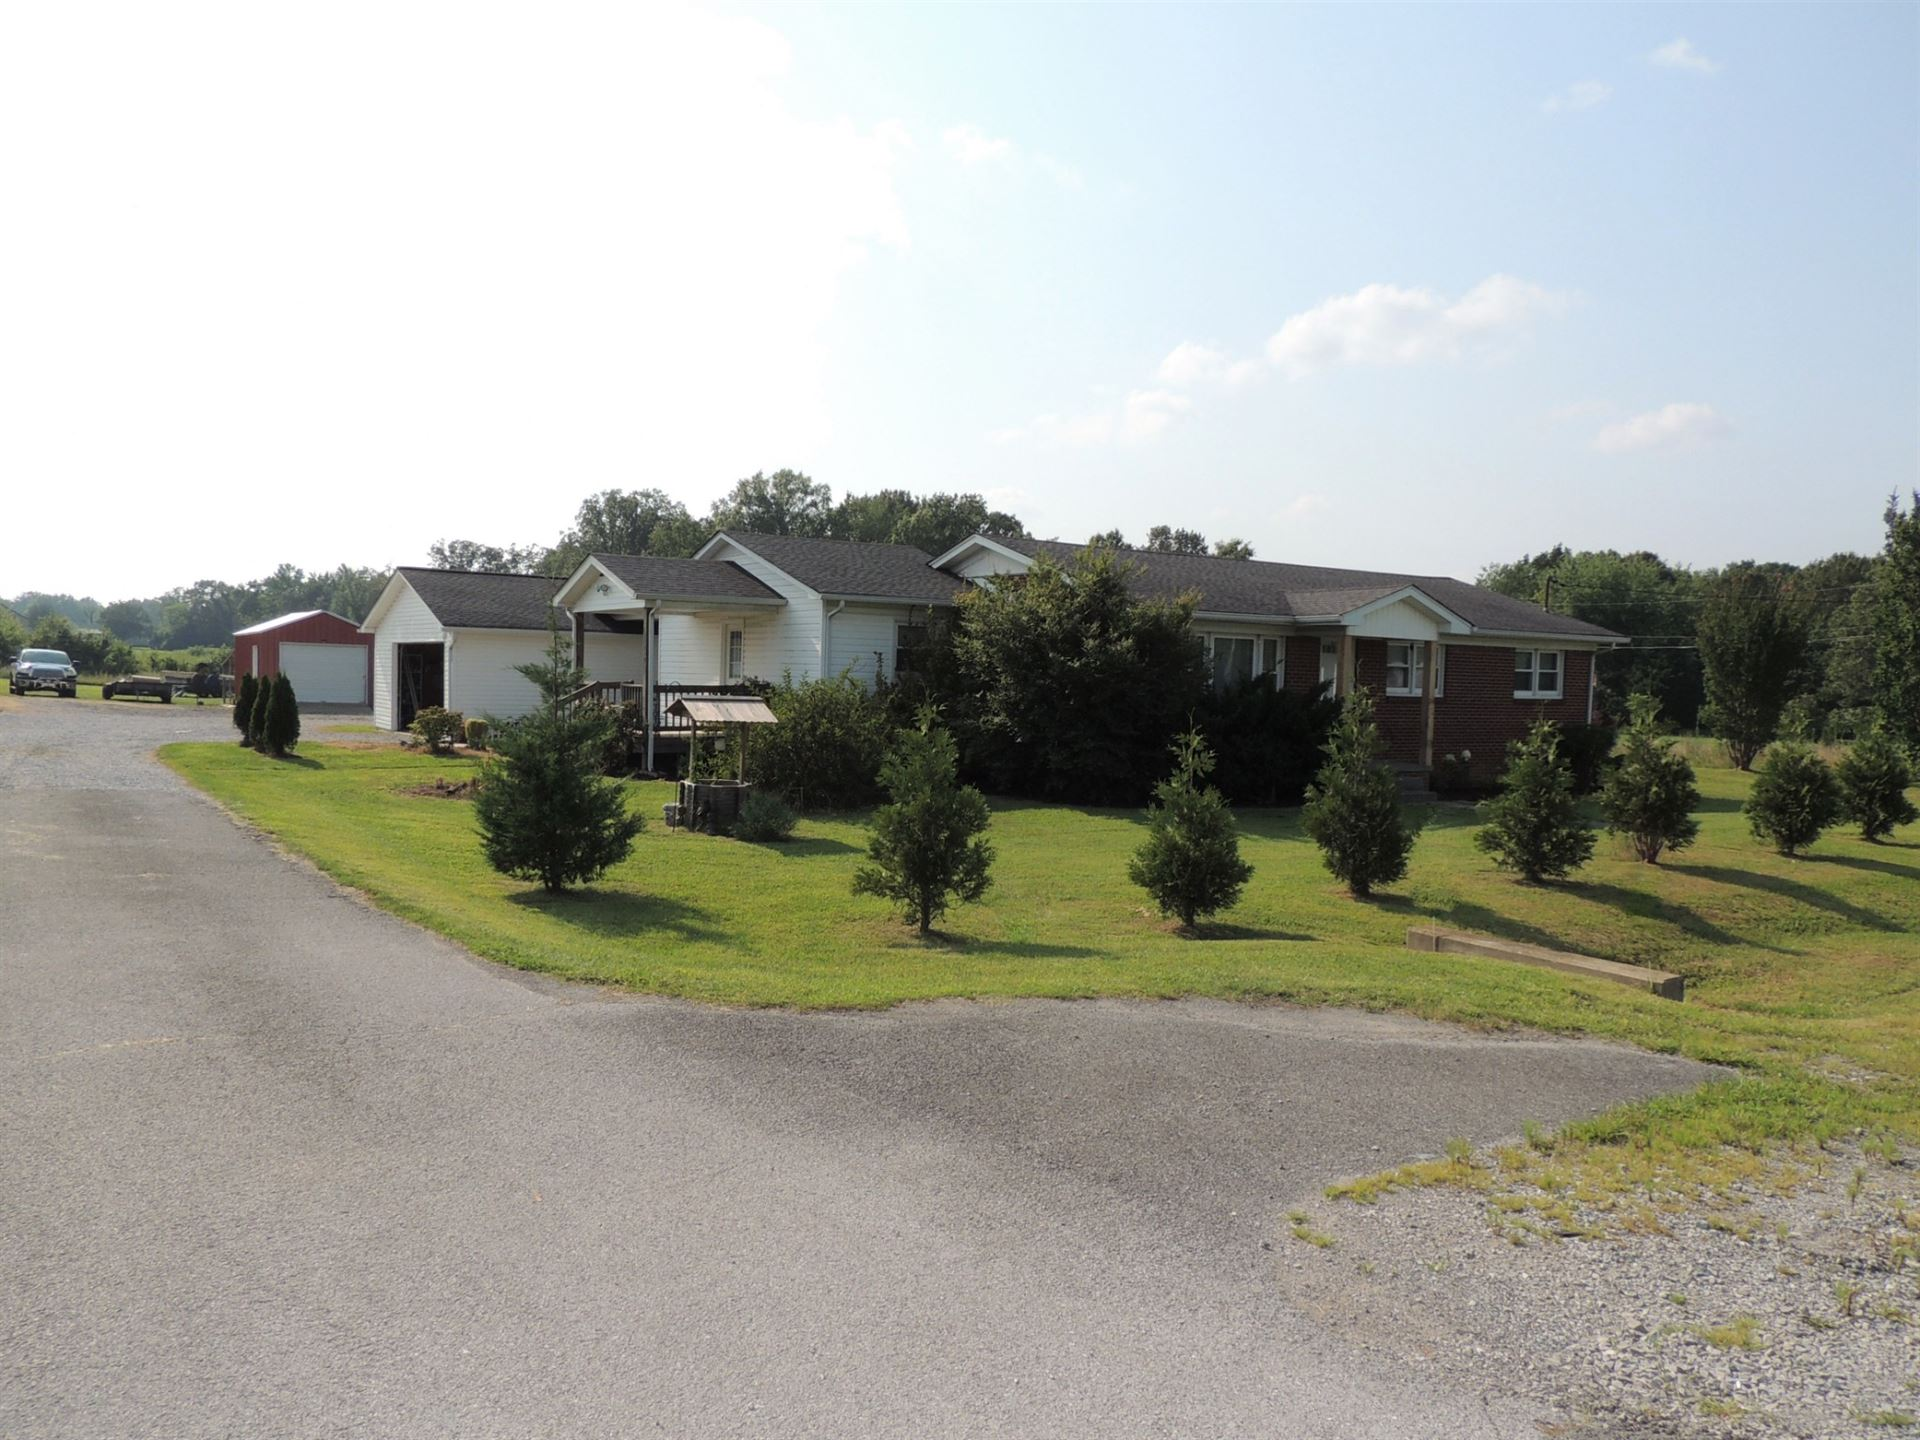 Photo of 4963 Highway 43 N, Mount Pleasant, TN 38474 (MLS # 2275650)